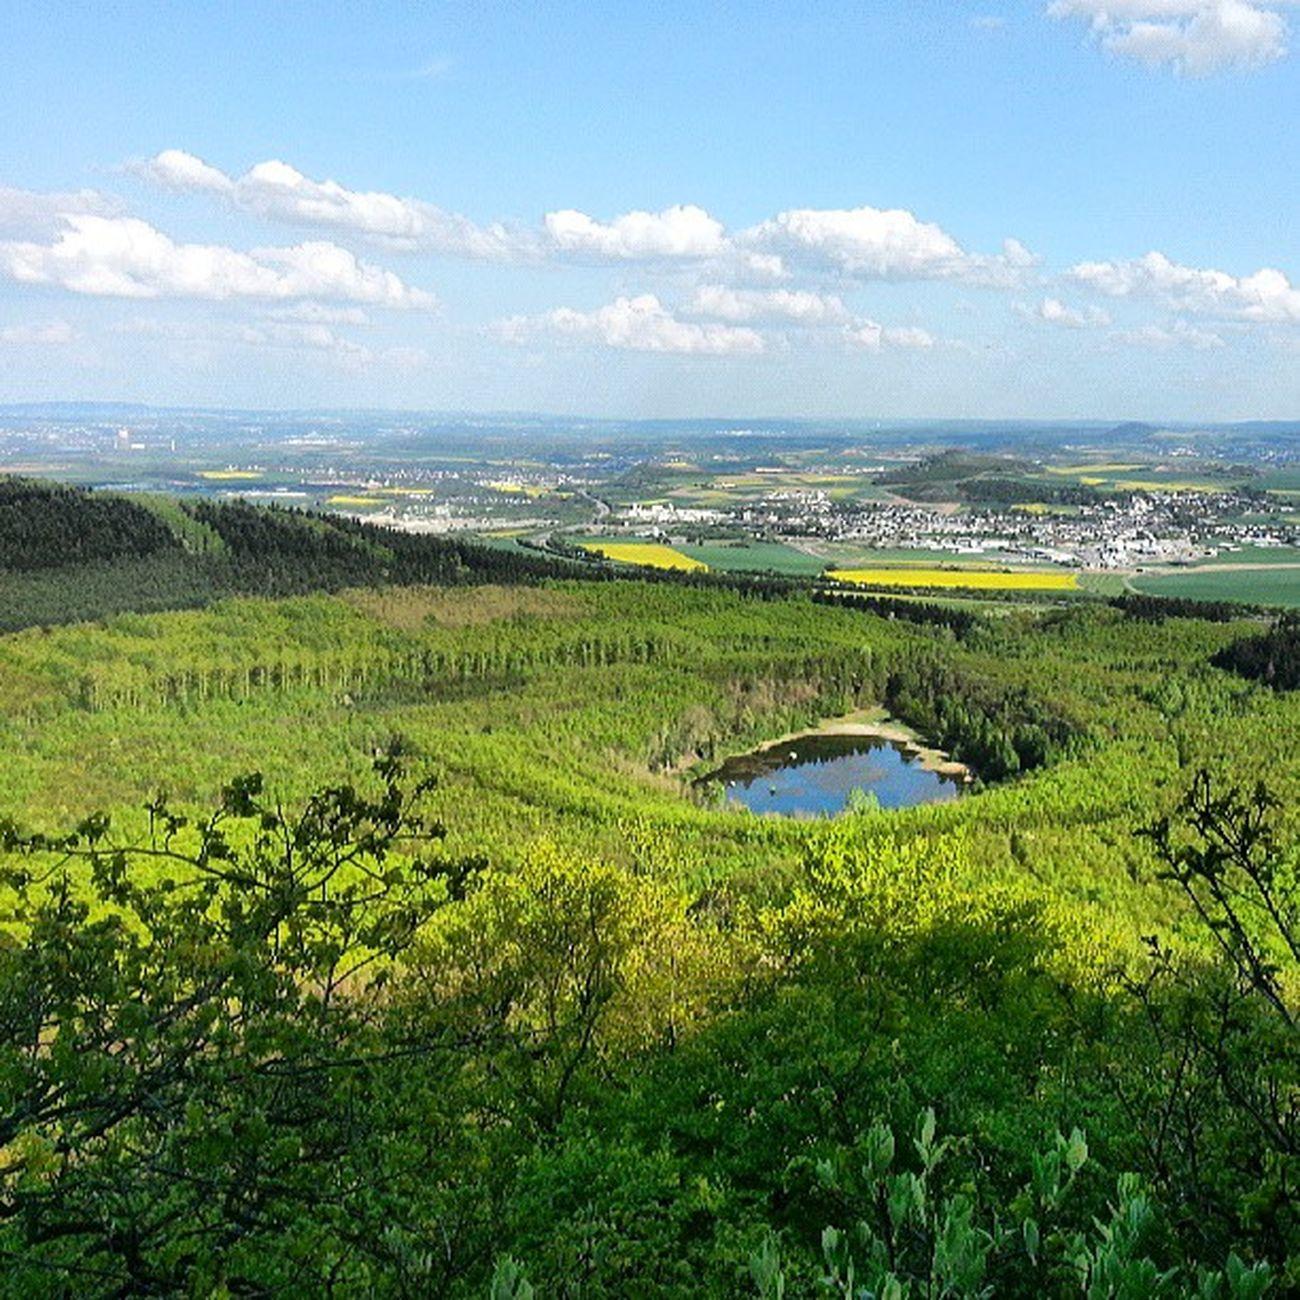 Krufter Waldsee #rheinstagram #igerskoblenz #instajogger #eifel #germany #igers Germany Igers Eifel Rheinstagram Igerskoblenz Instajogger